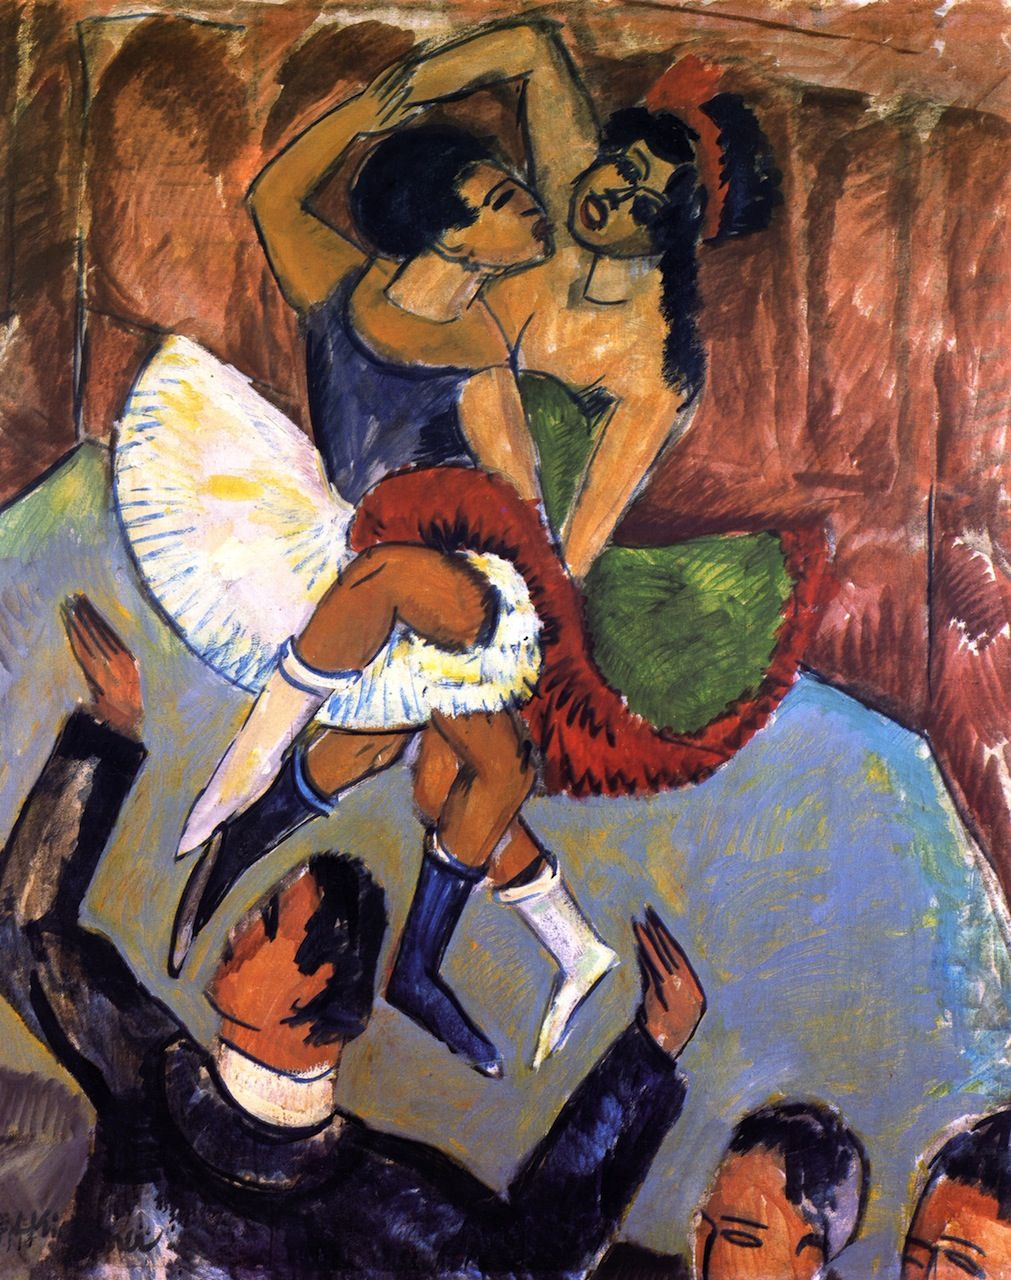 Ernst Ludwig Kirchner ~ Negerdans ~ 1911 ~ Olieverf op karton ~ 151,5 x 120 cm. ~ Kunstsammlung Nordrhein-Westfalen, Düsseldorf